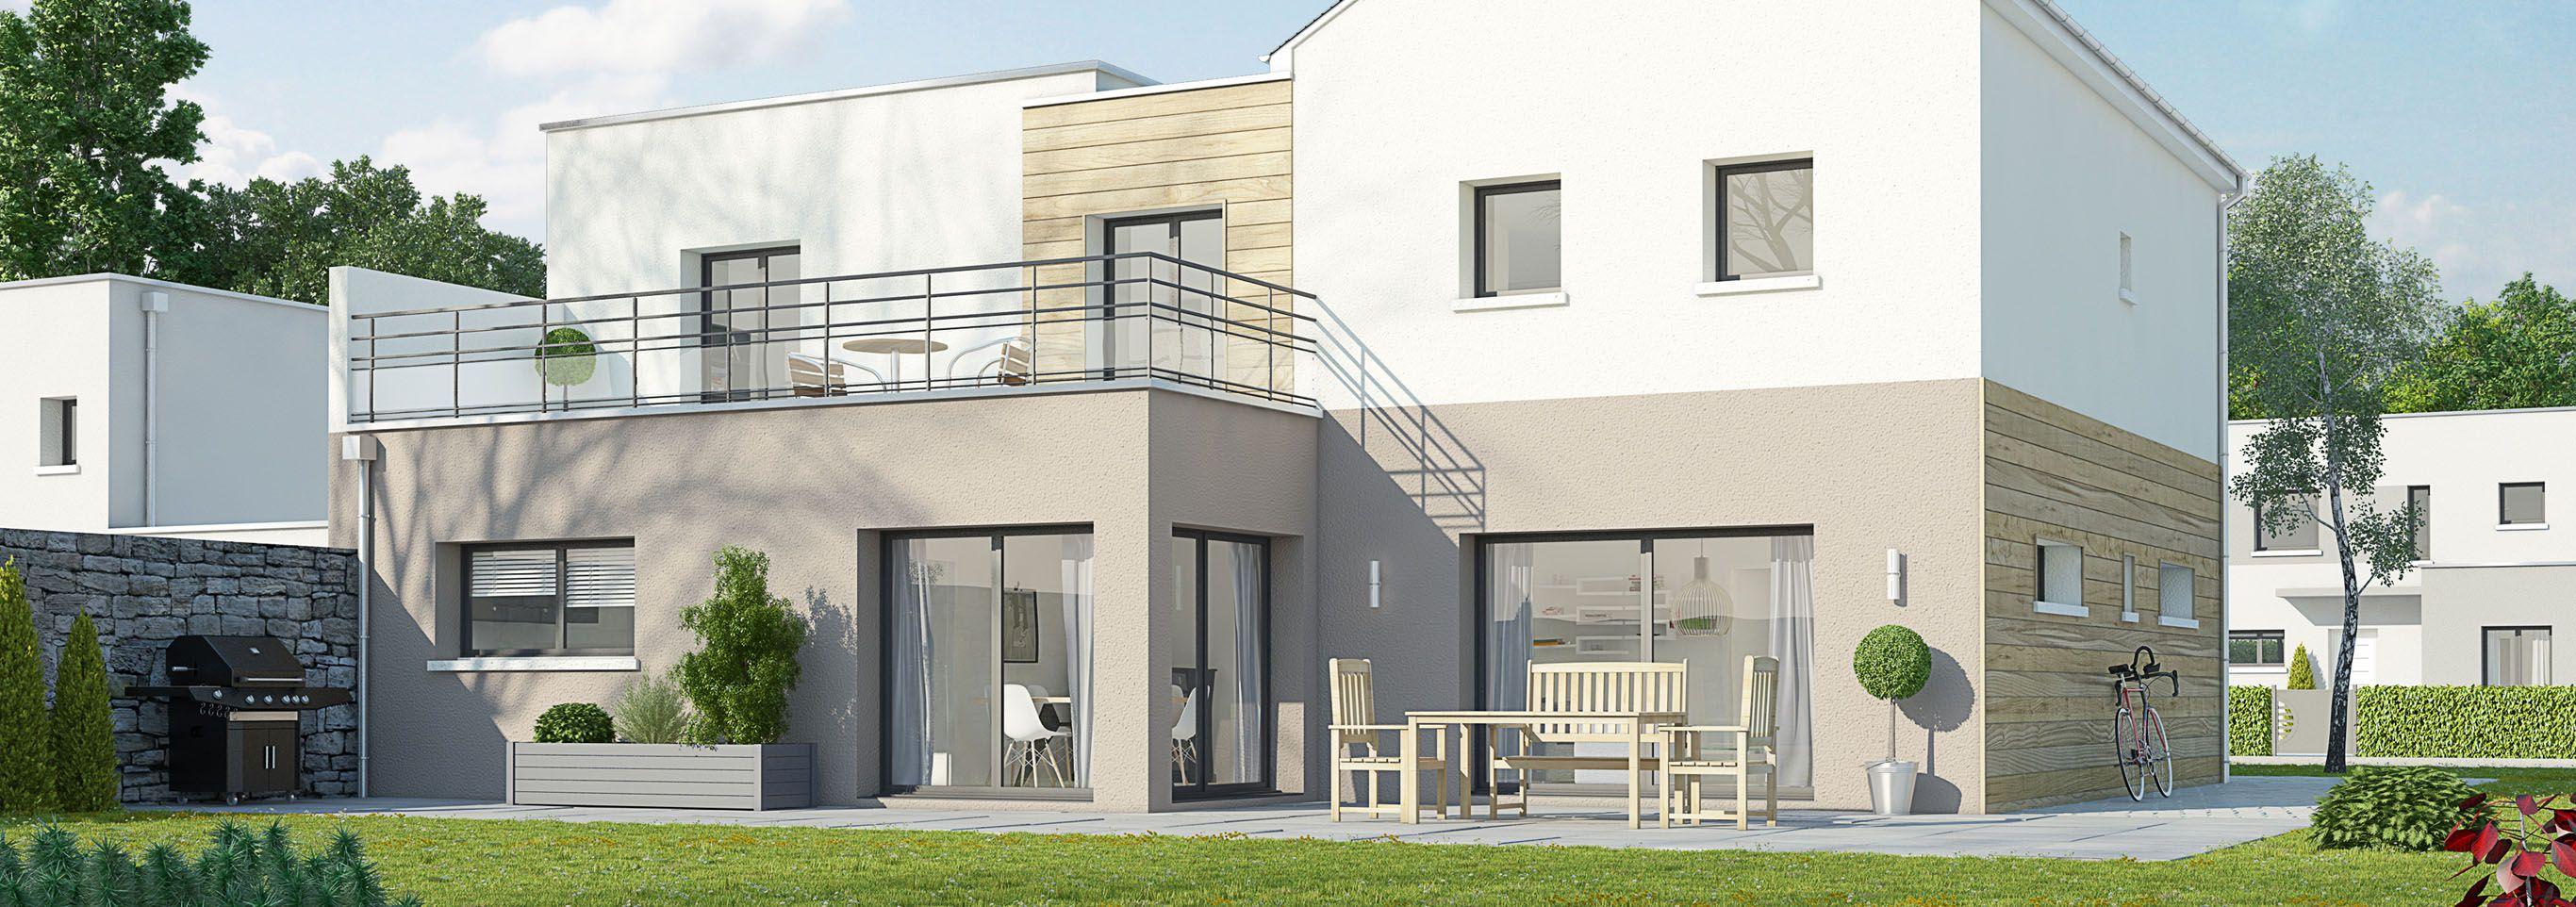 Maison en ligne terre demeure constructeur de maisons individuelles en ile de france - Construction maison en ligne ...